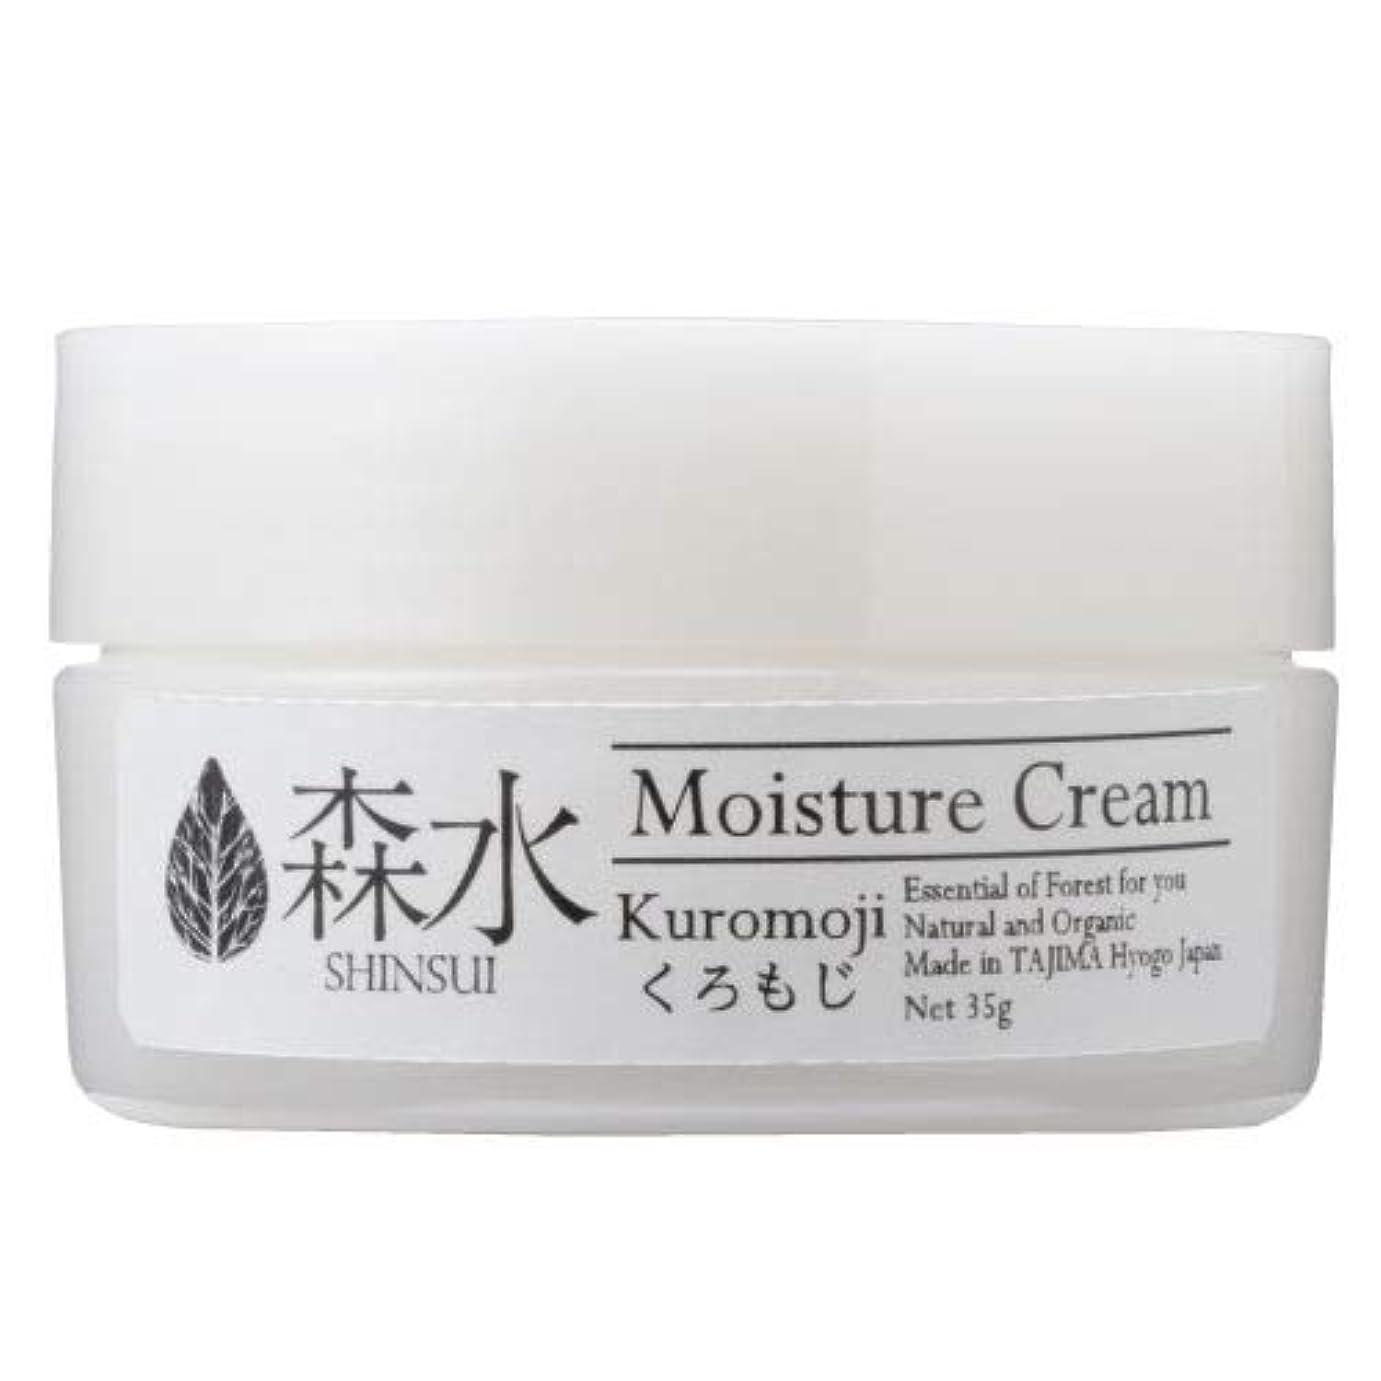 森水-SHINSUI シンスイ-くろもじクリーム(Kuromoji Moisture Cream)35g